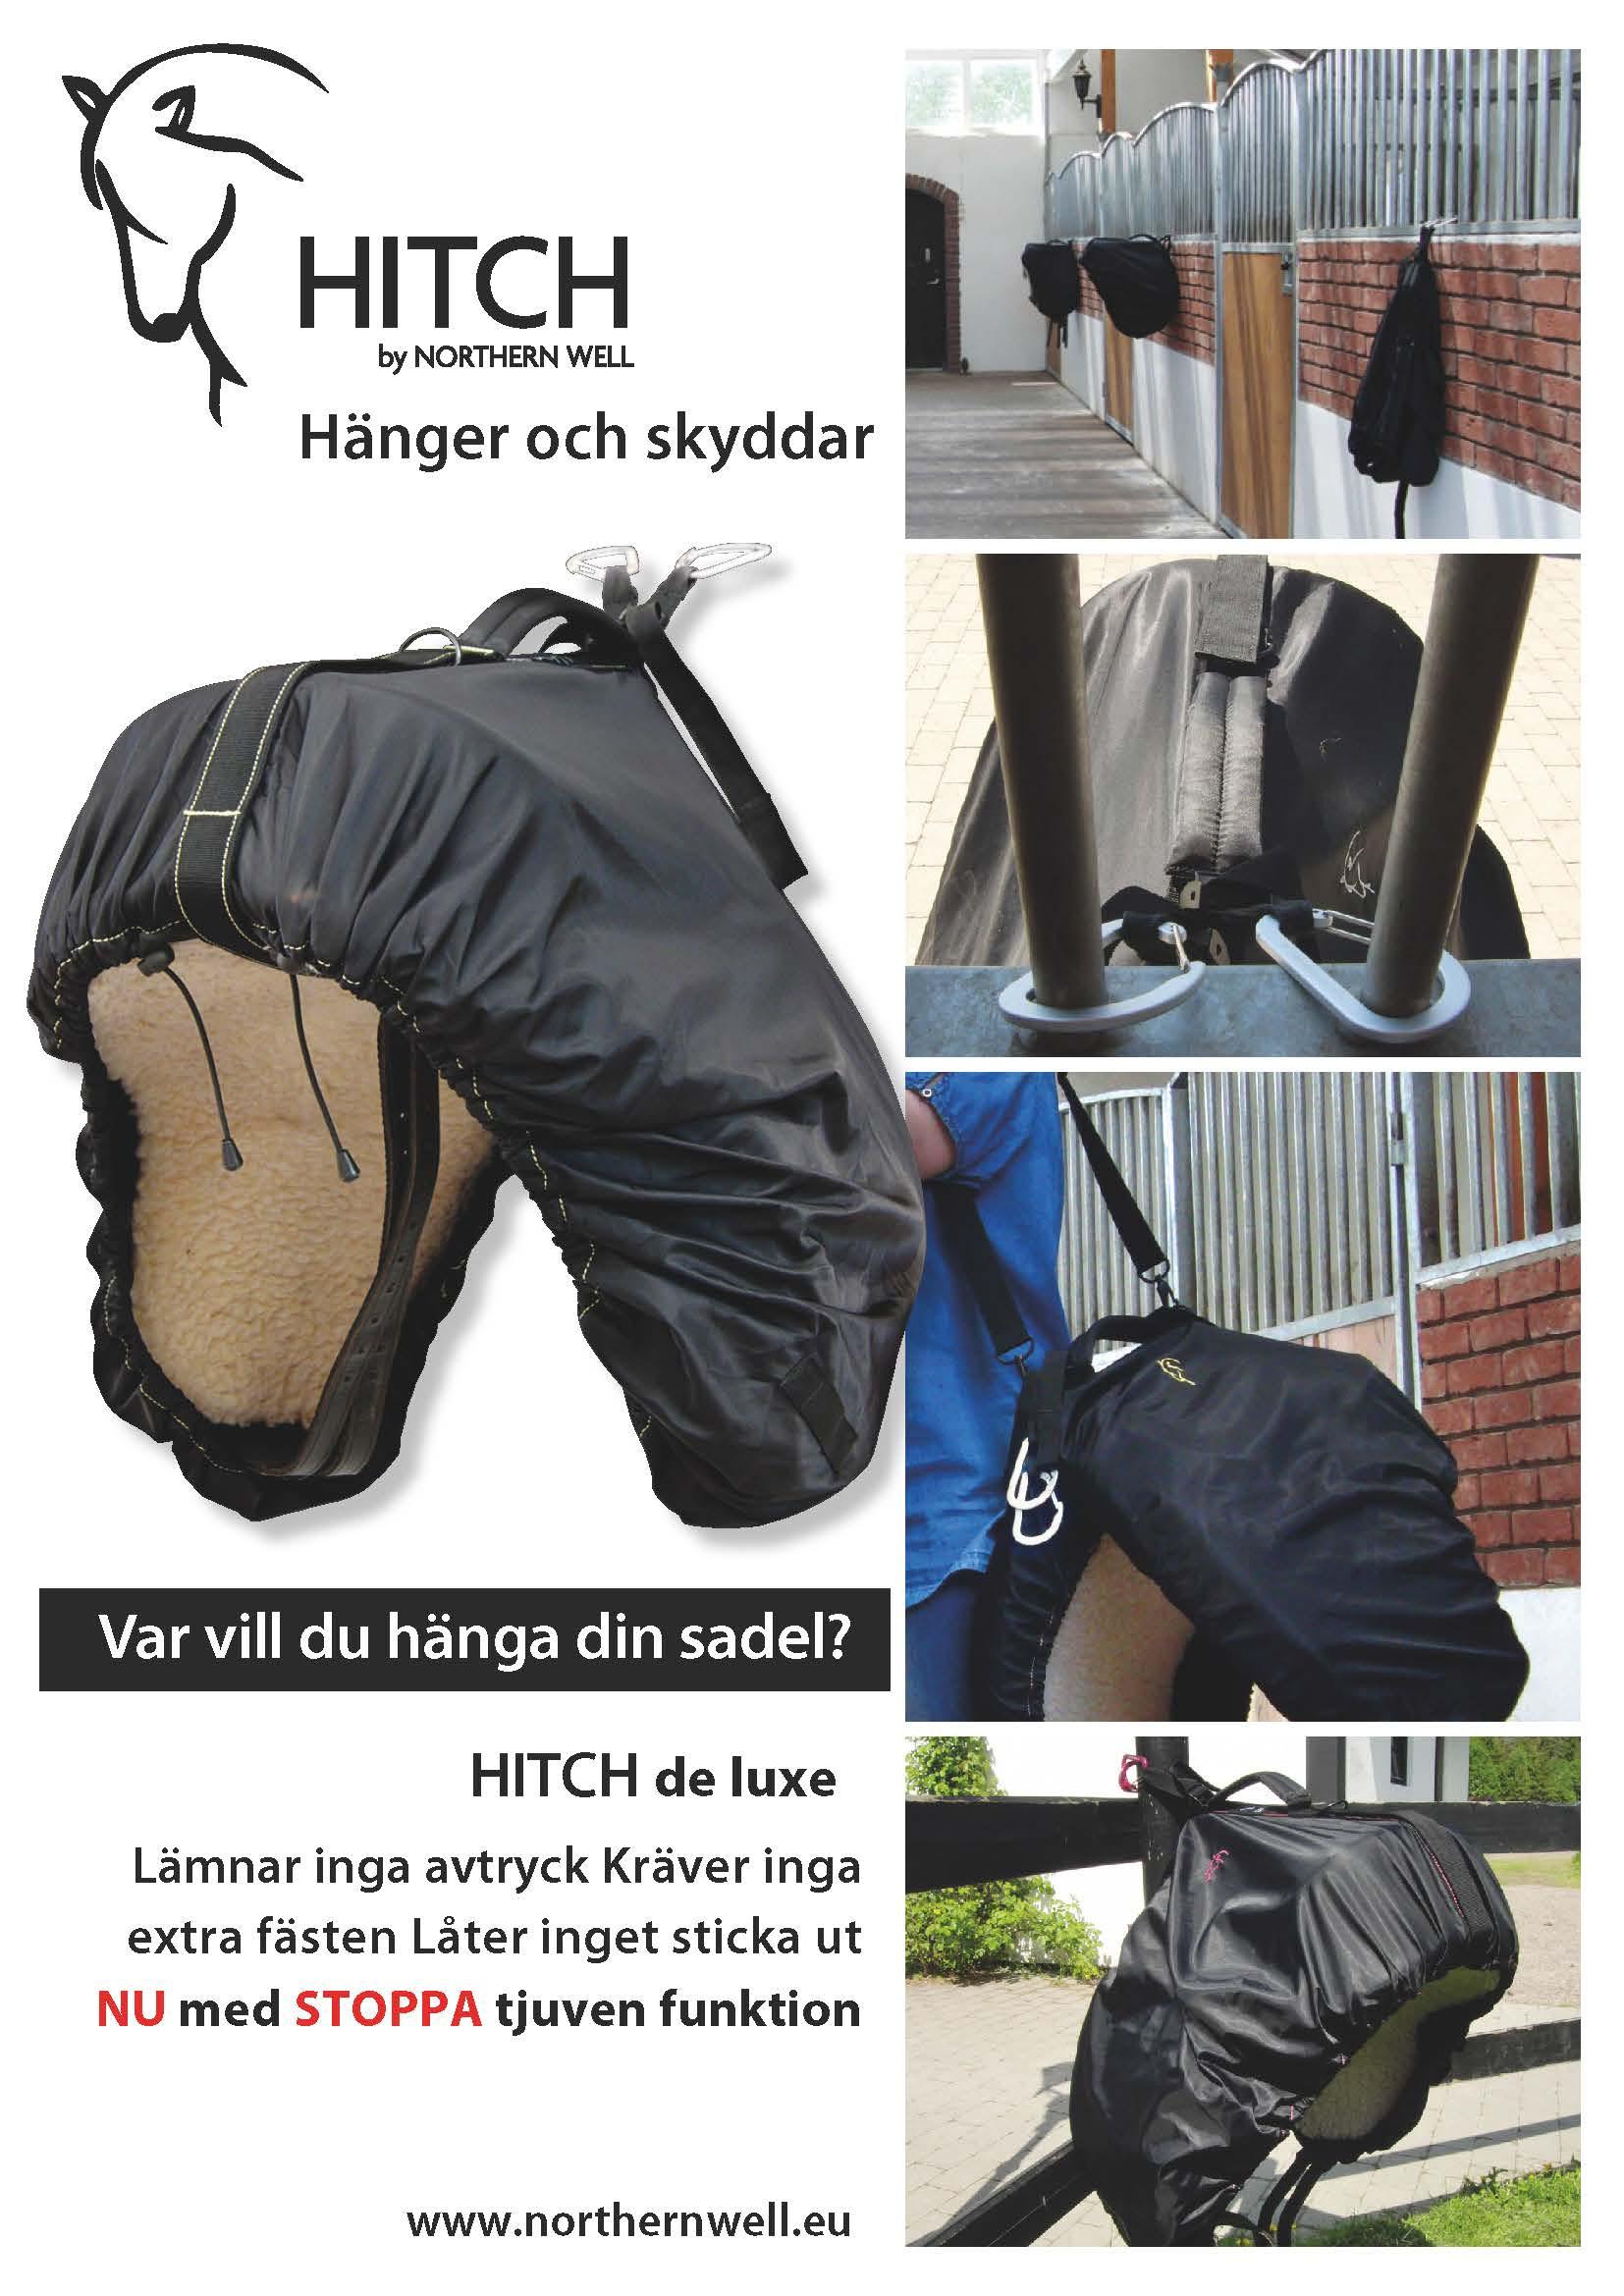 Var vill du hänga din sadel? HITCH sadelbag hänger och skyddar